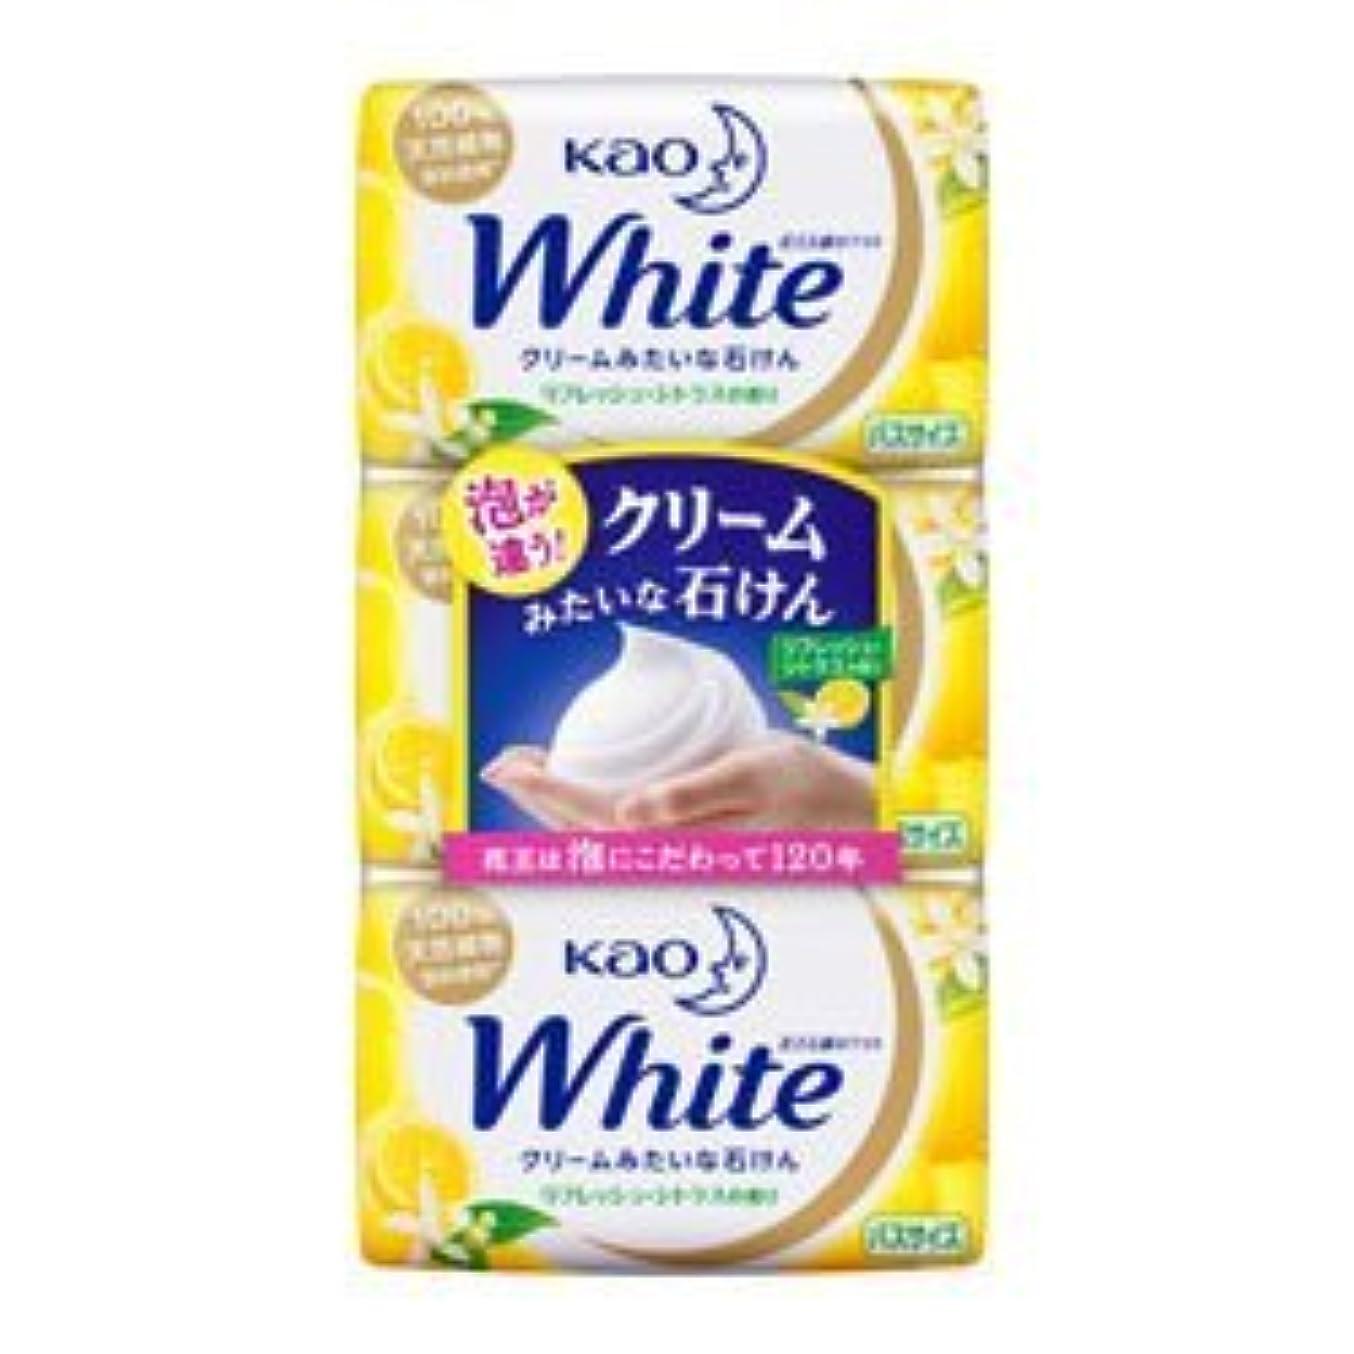 努力ファセット展示会【花王】ホワイト リフレッシュ?シトラスの香り バスサイズ 130g×3個入 ×3個セット